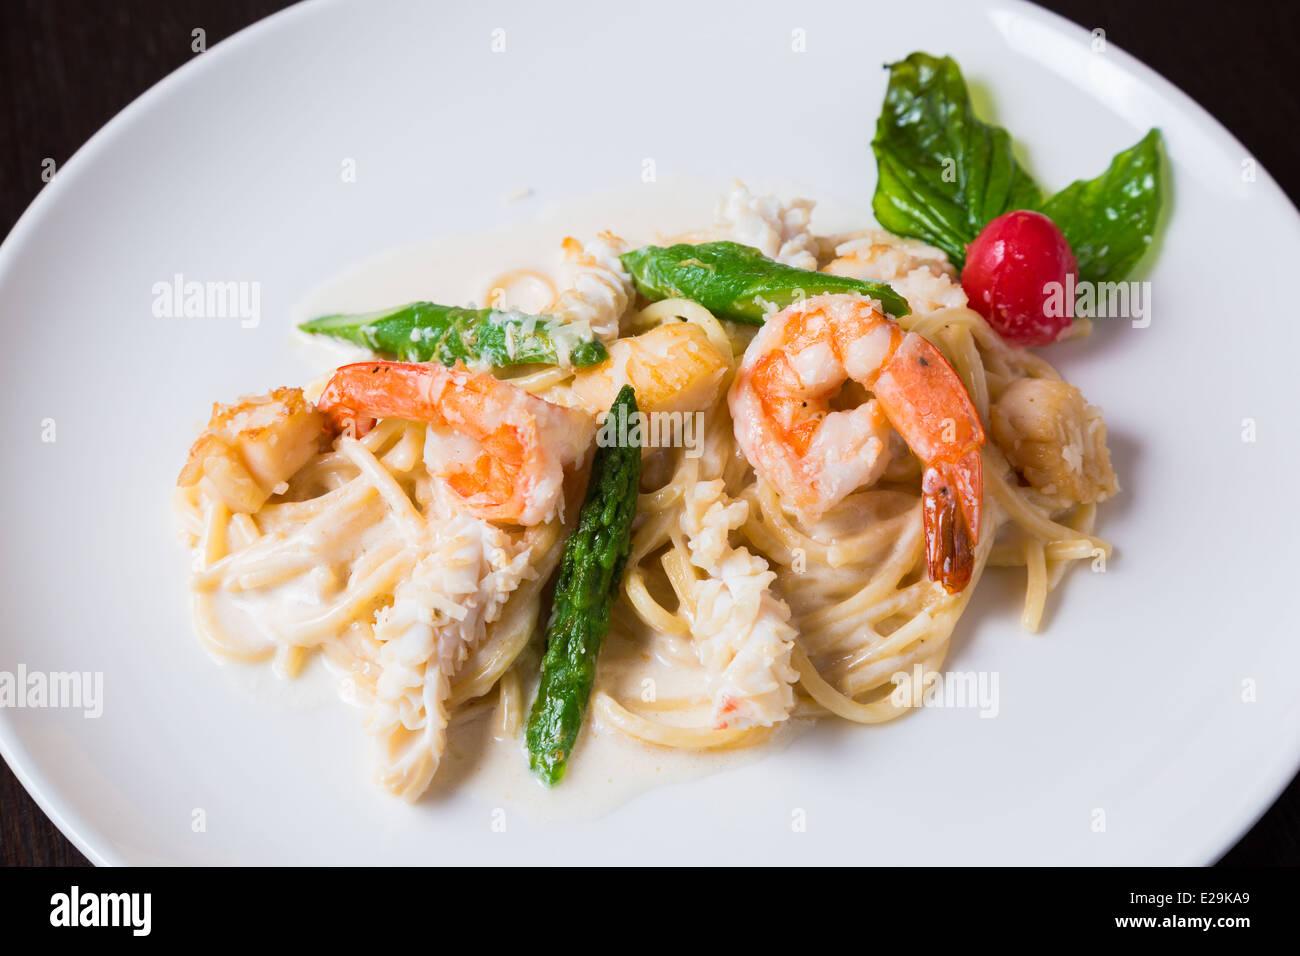 Feuilles de salade fraîche aux crevettes Photo Stock